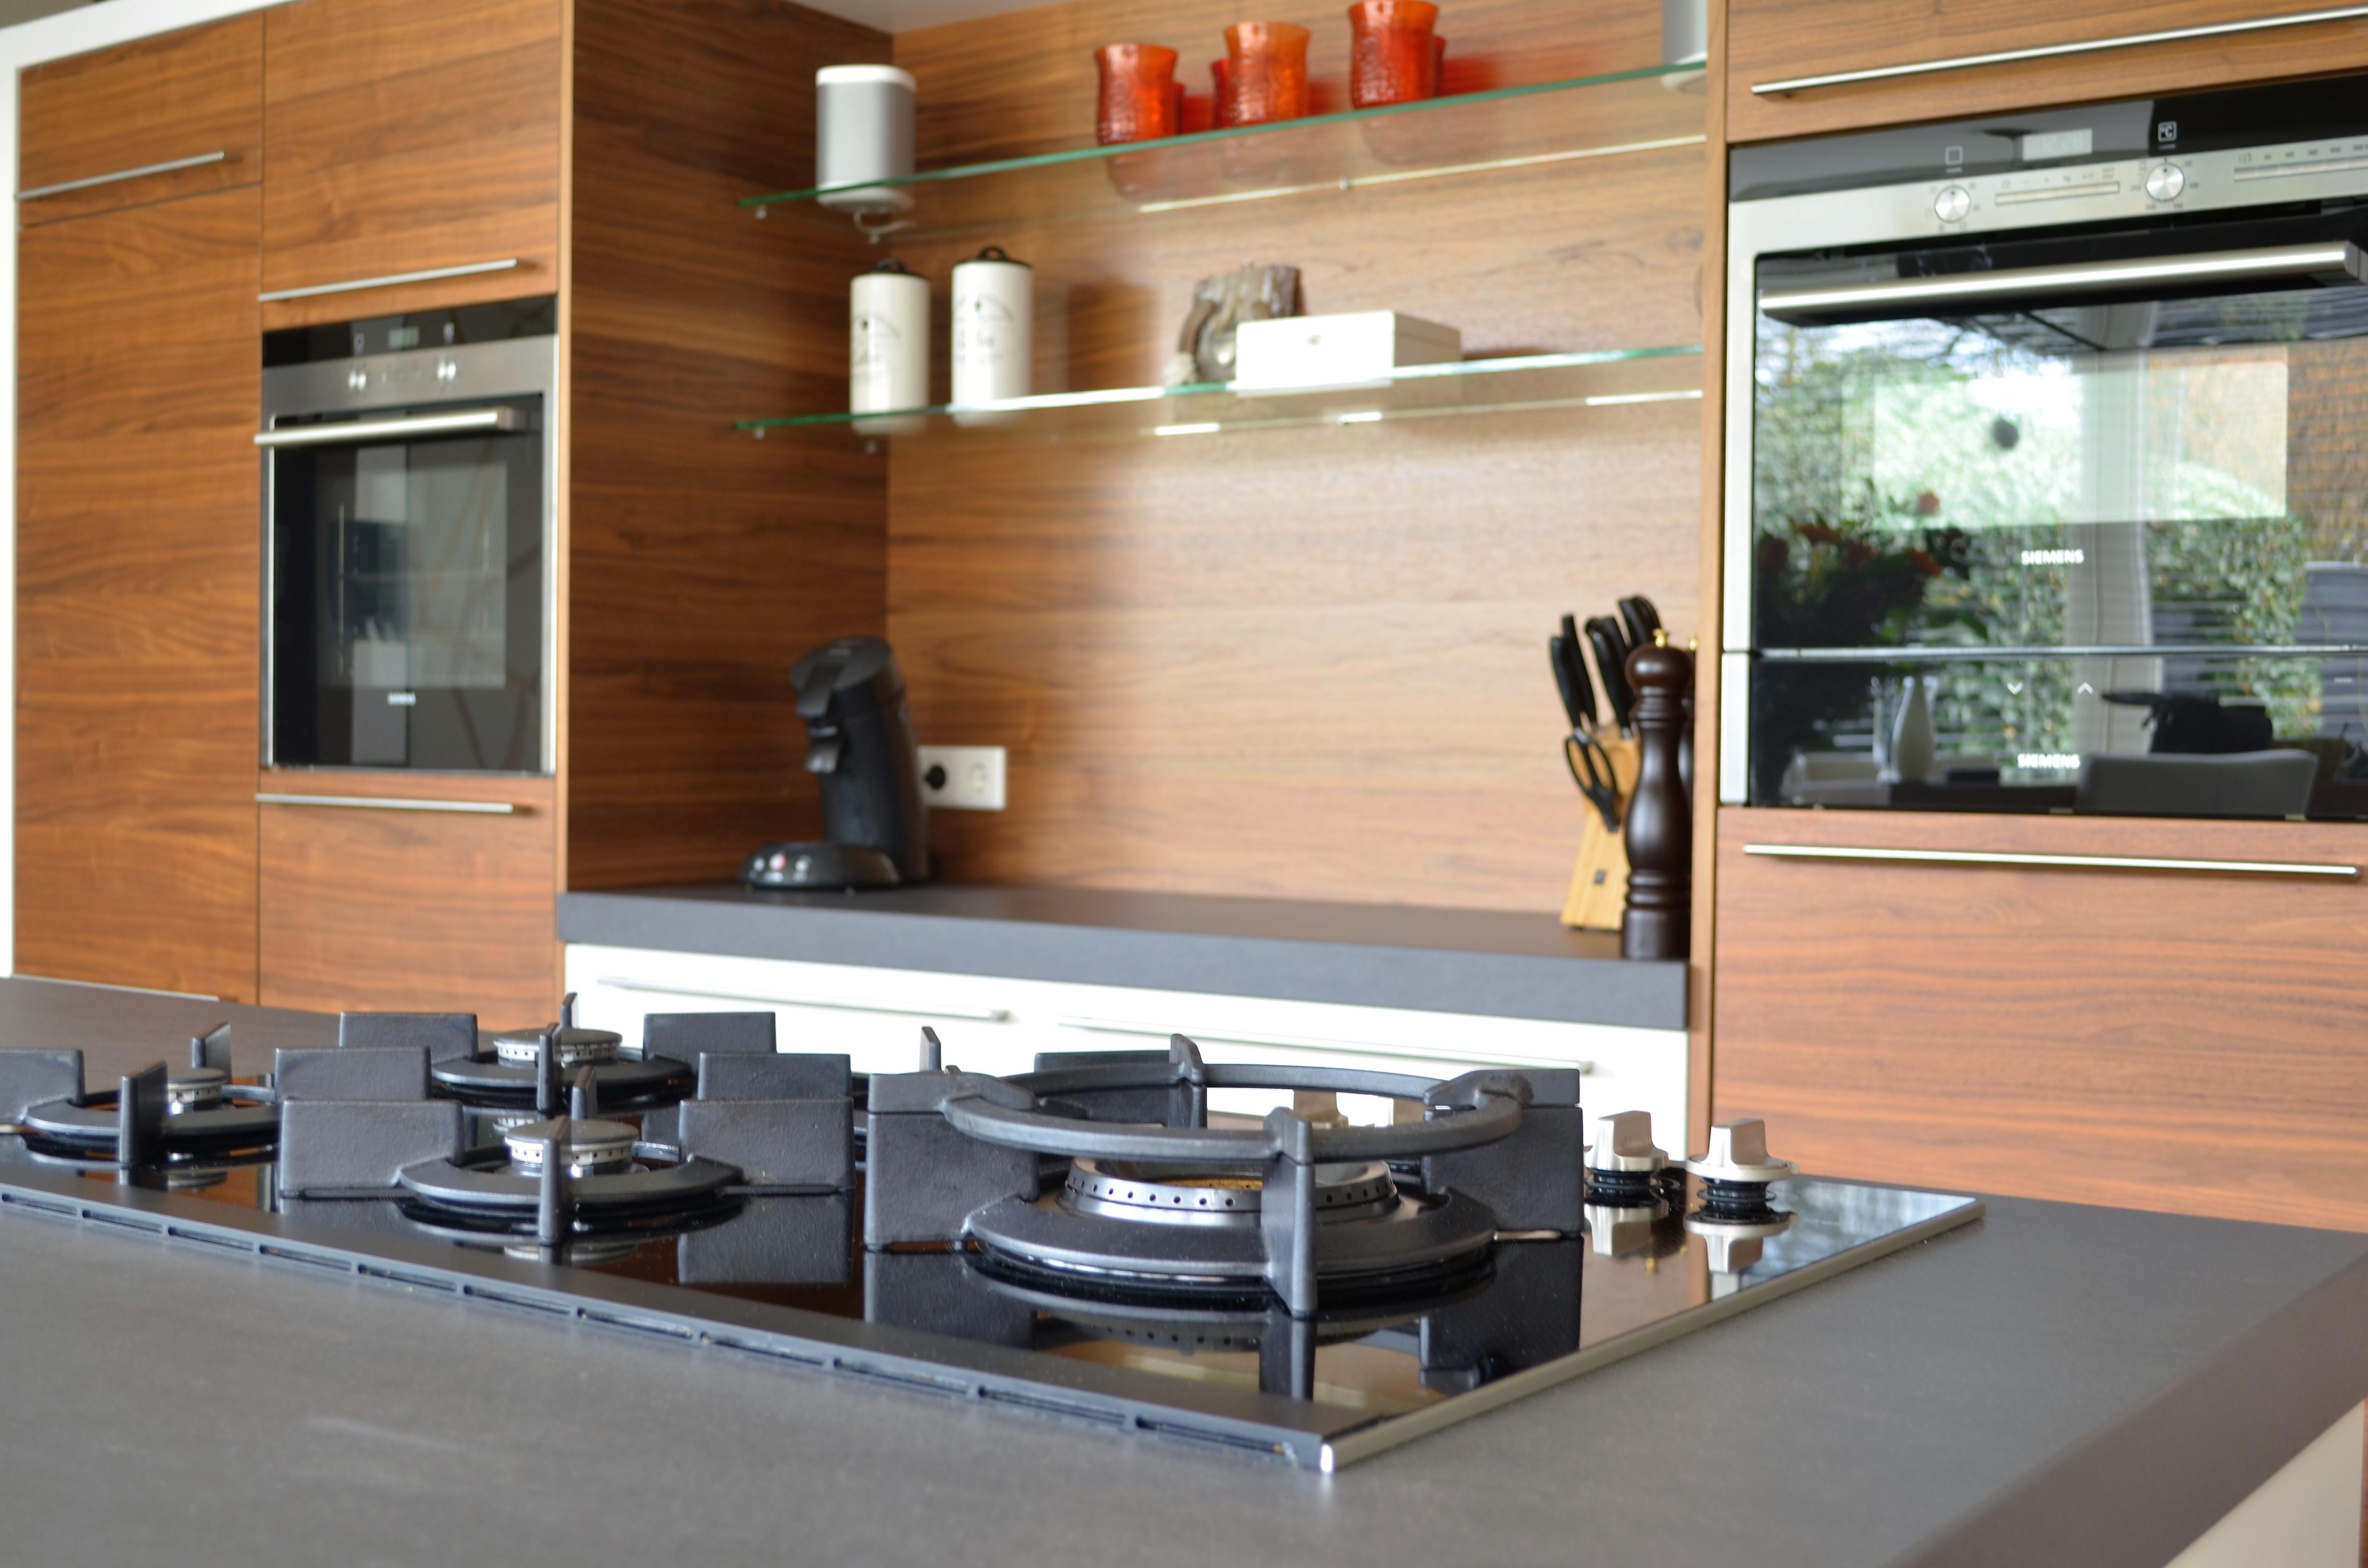 Keukens Op Maat Den Bosch : Keukens op maat Den Bosch van Kaathoven Interieurbouw